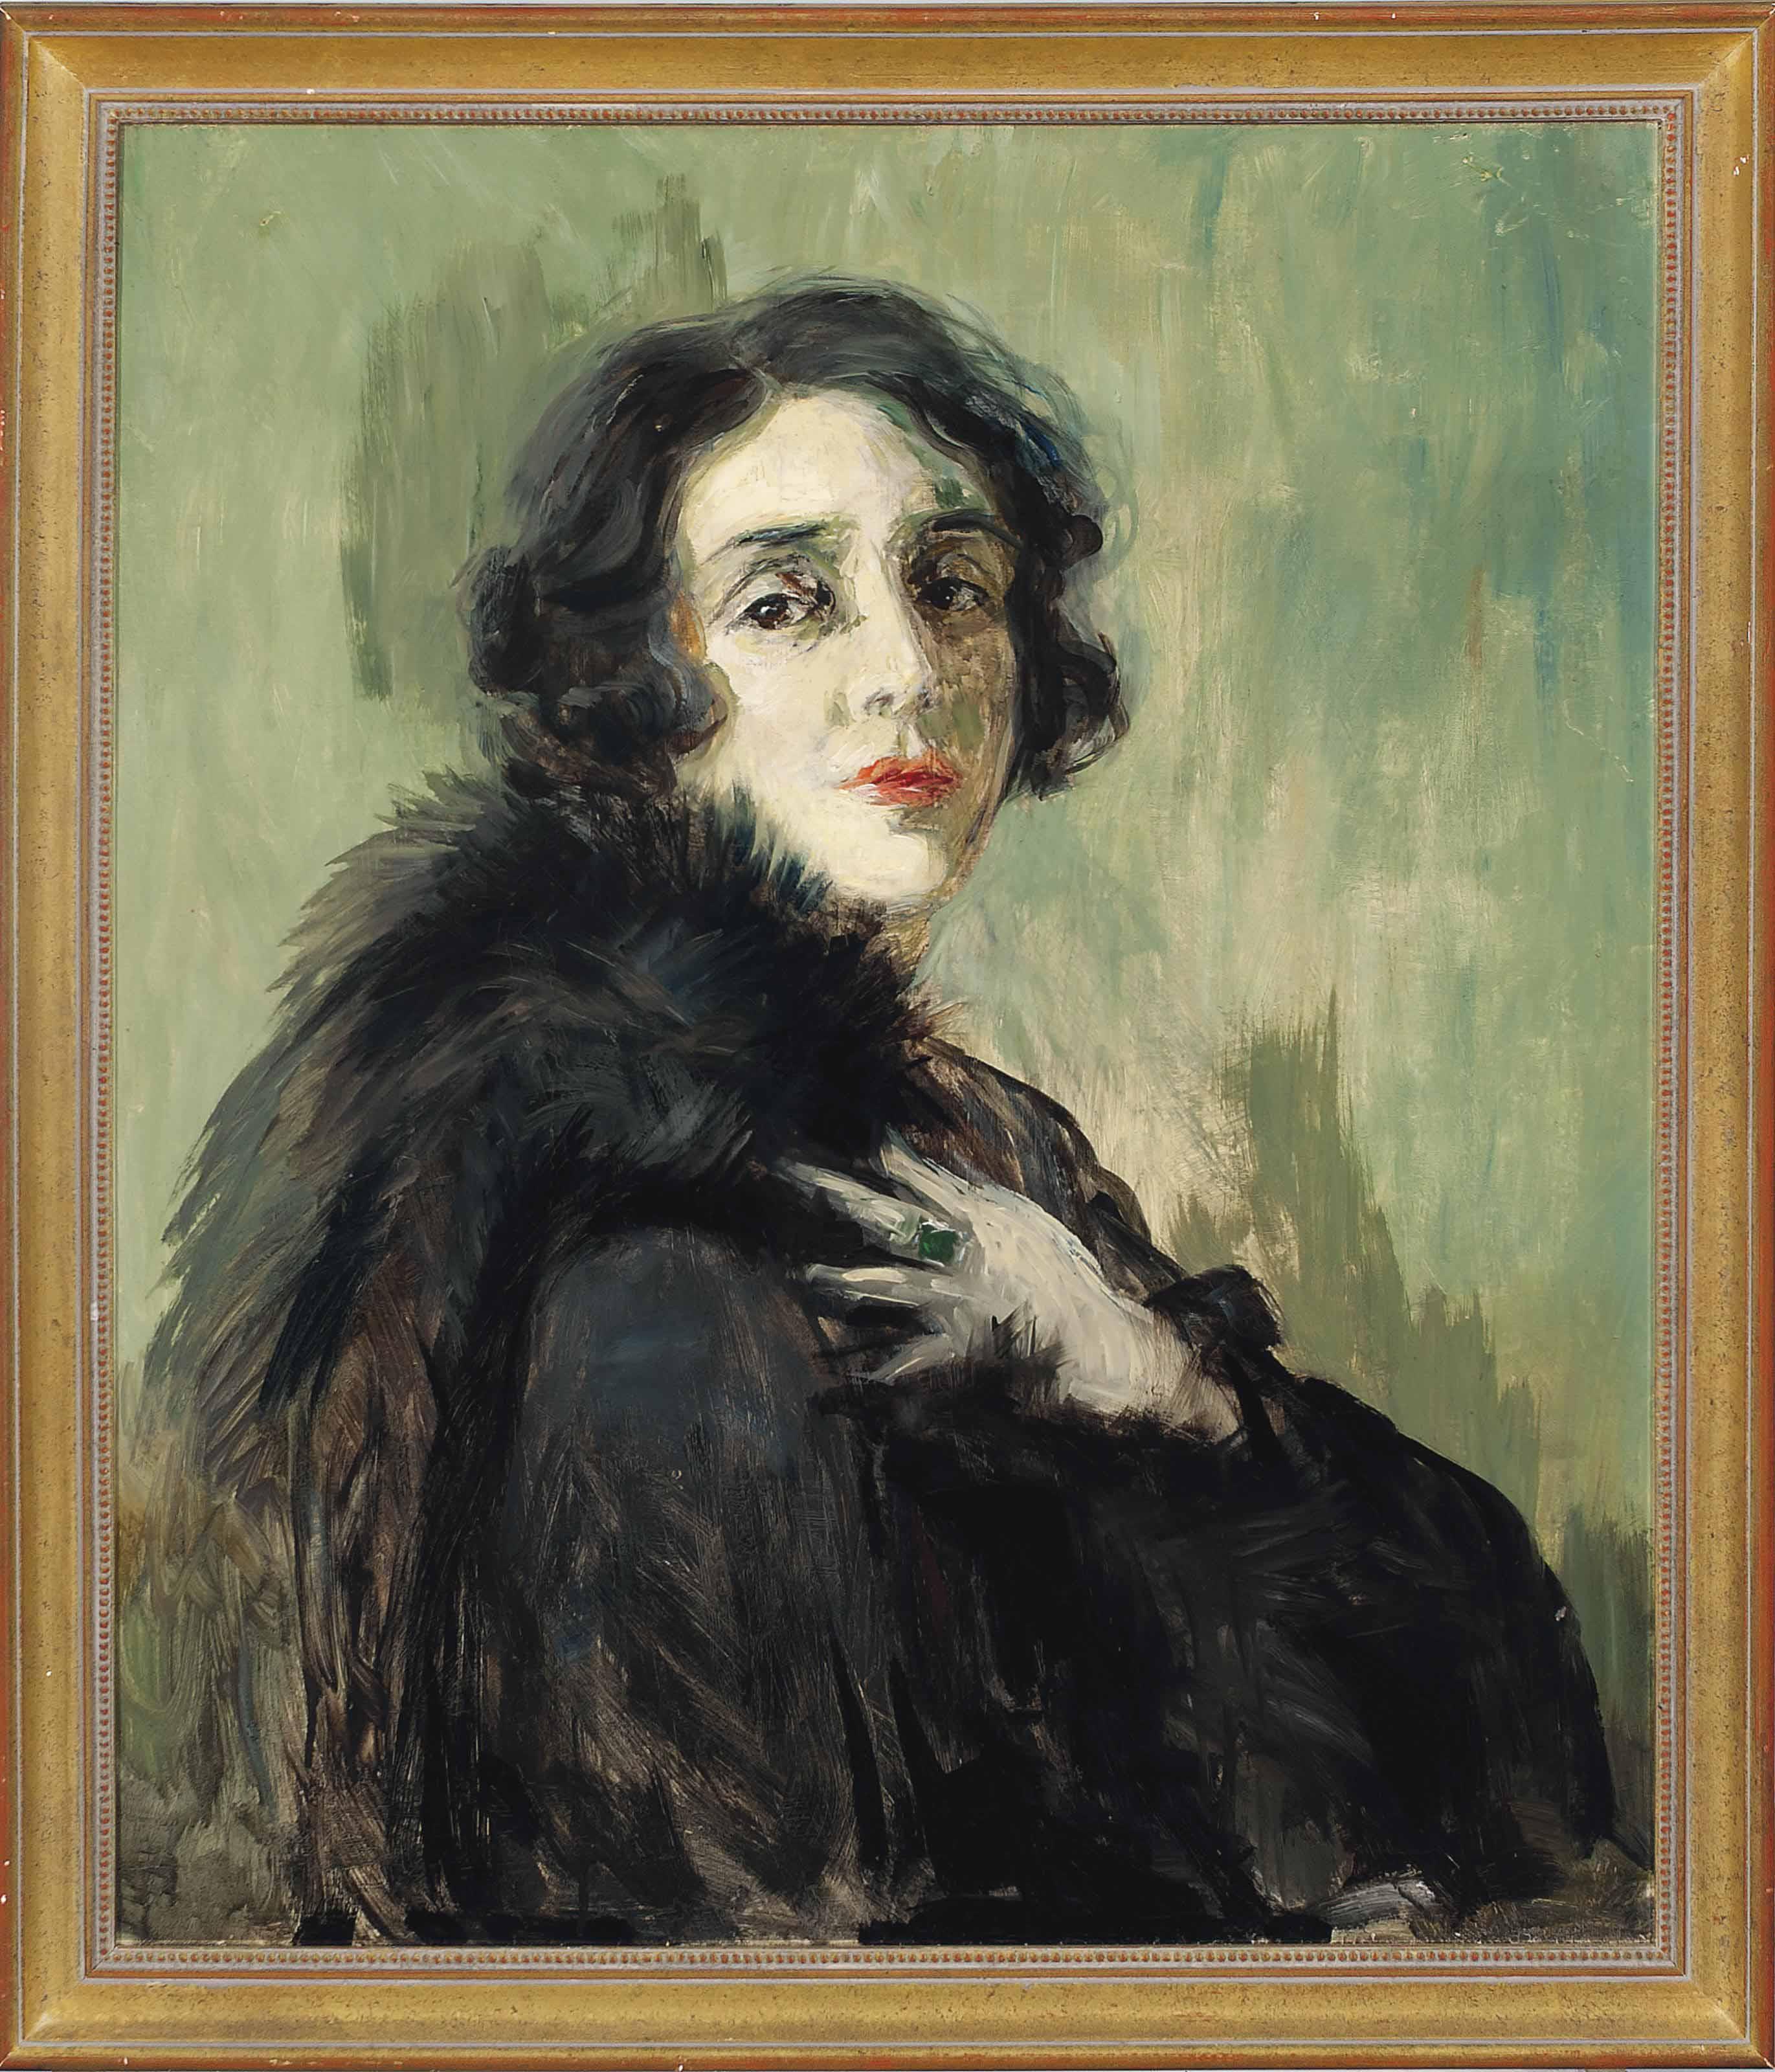 Follower of Giovanni Boldini